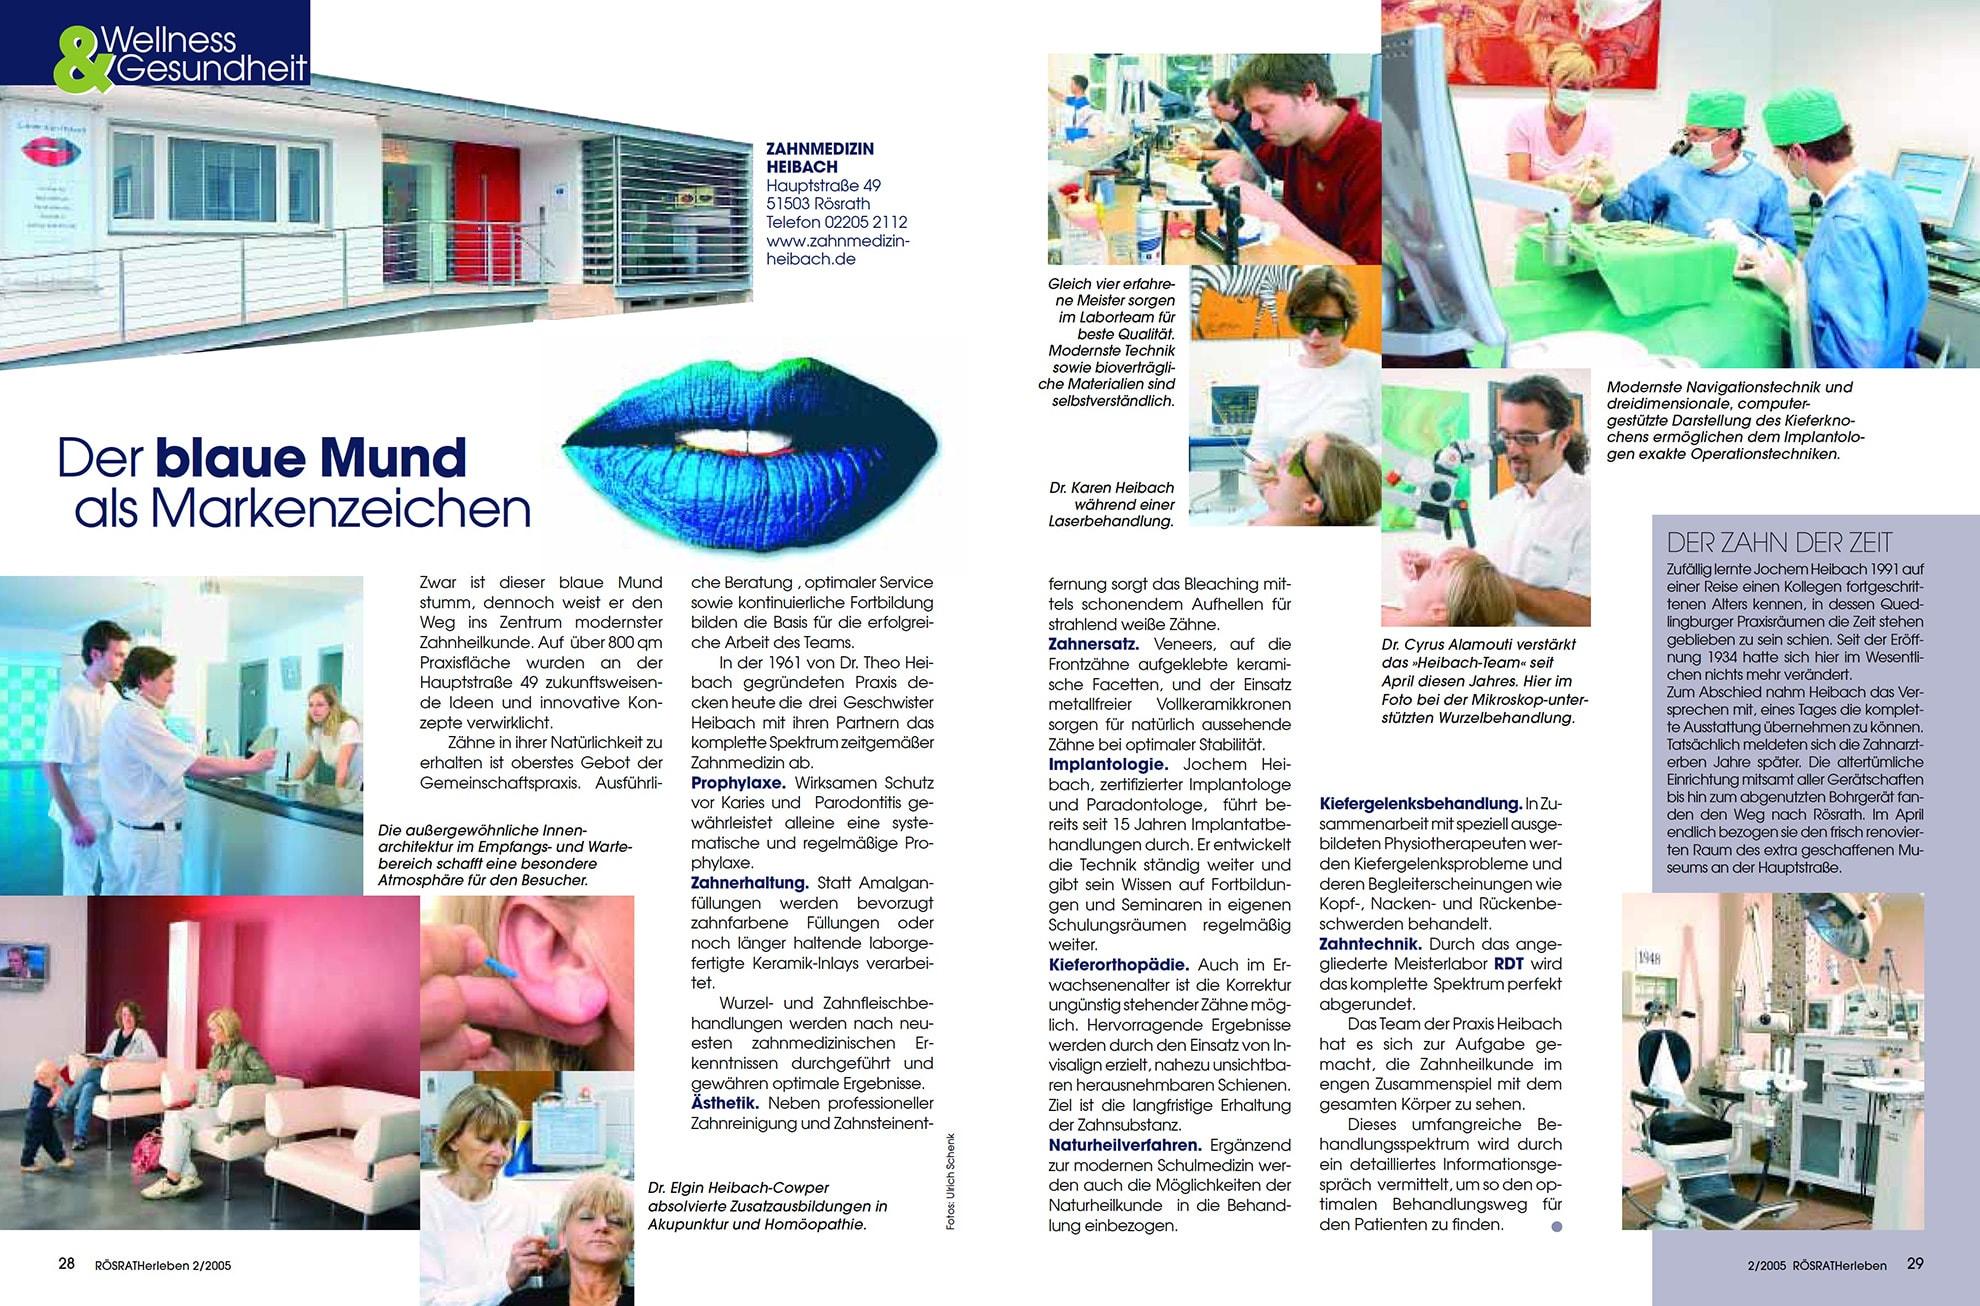 Z-MVZ dental suite - Pressemitteilung: Der blaue Mund als Markenzeichen